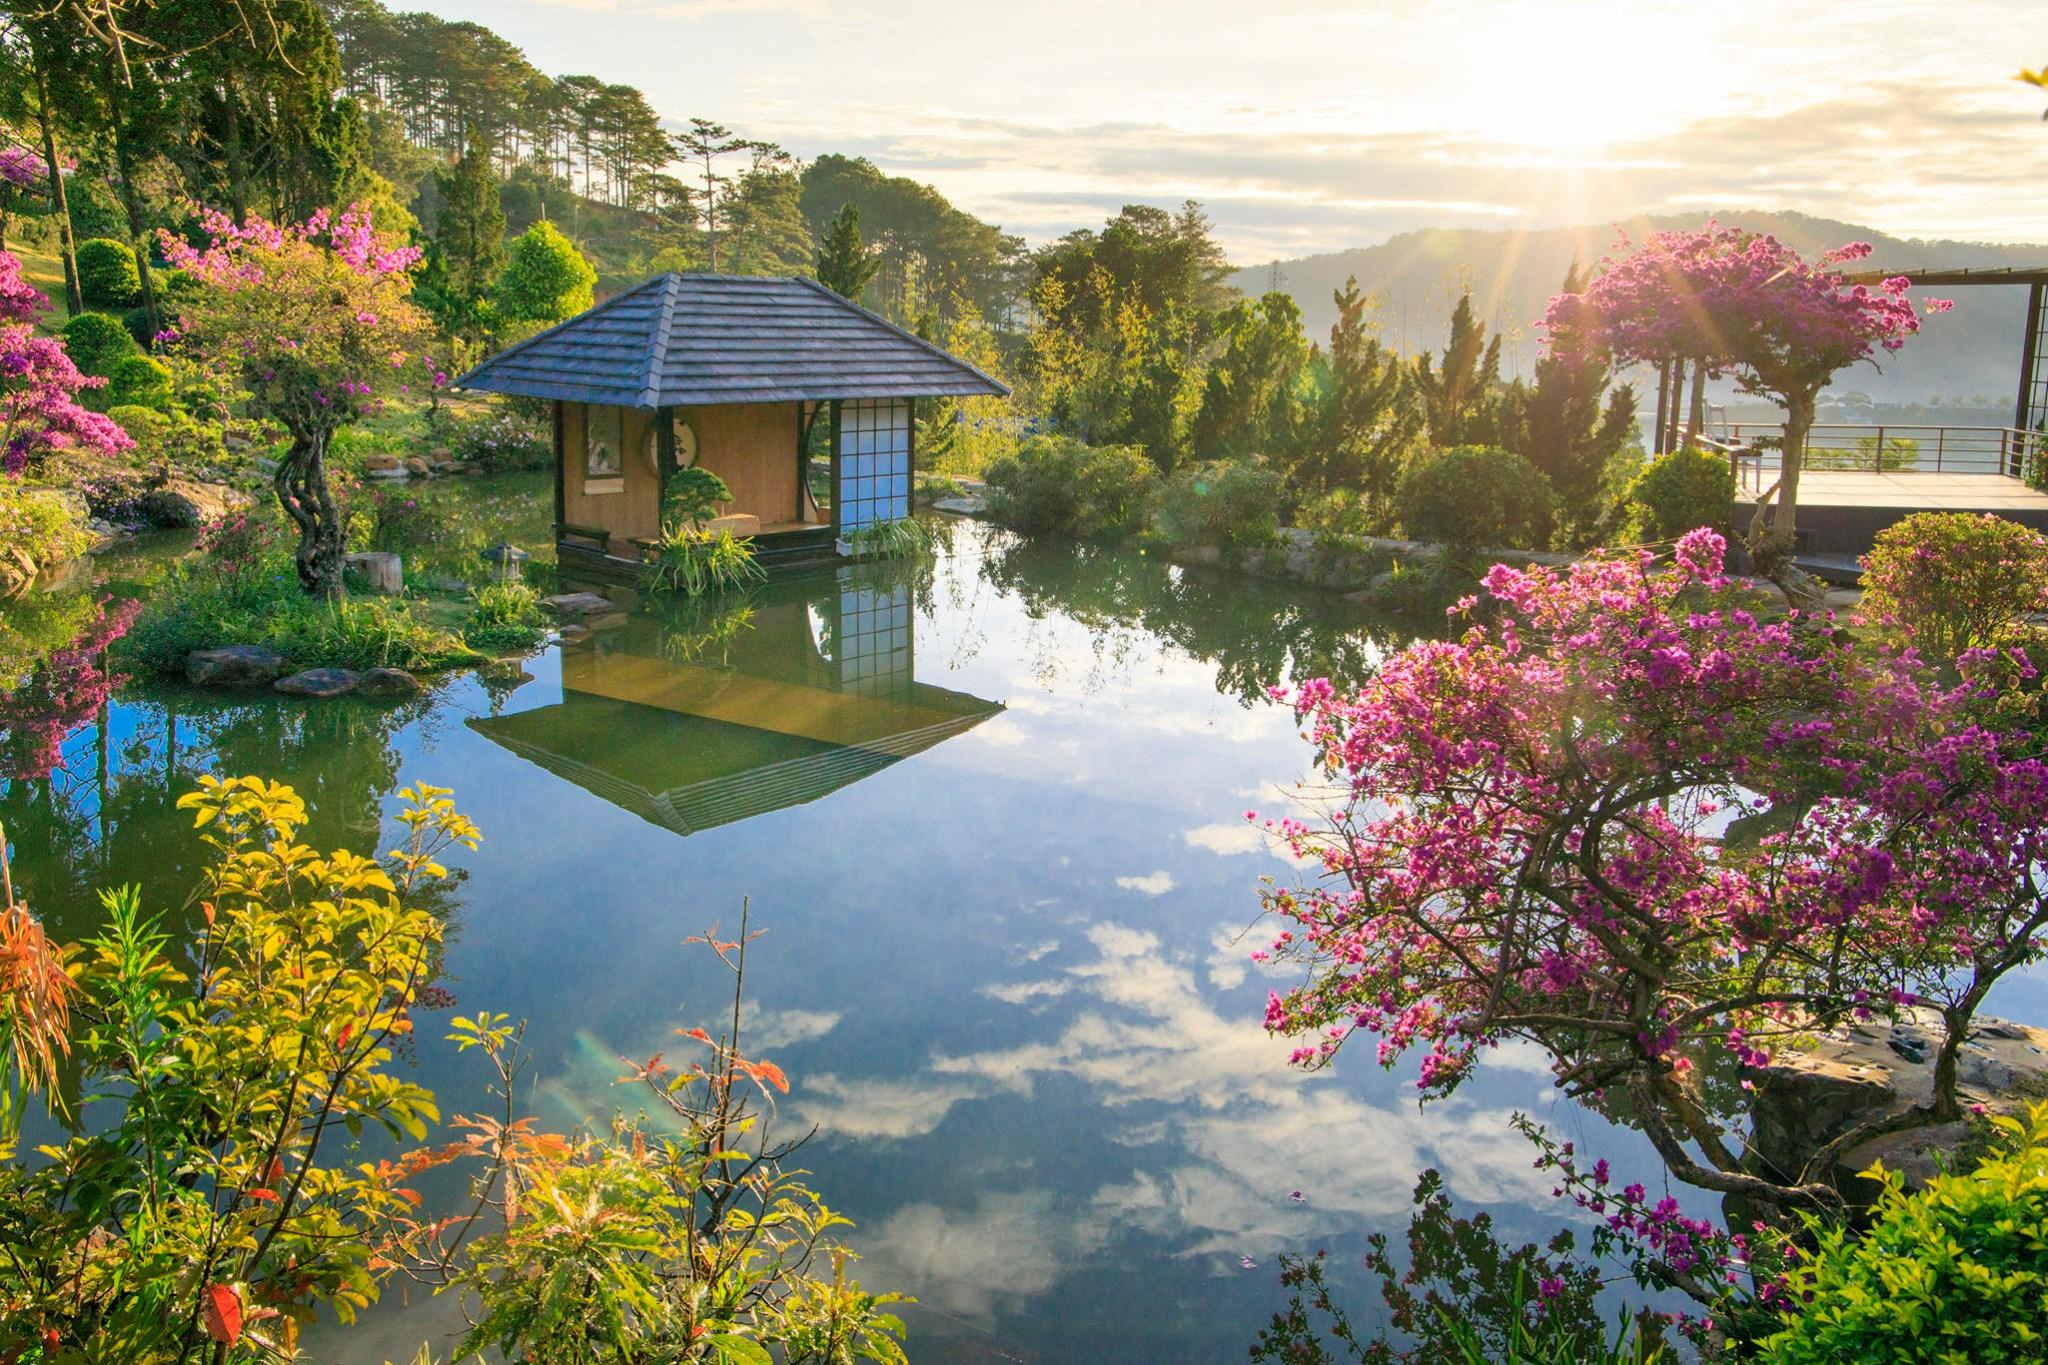 10 Địa điểm du lịch Đà Lạt mới và hot năm 2020